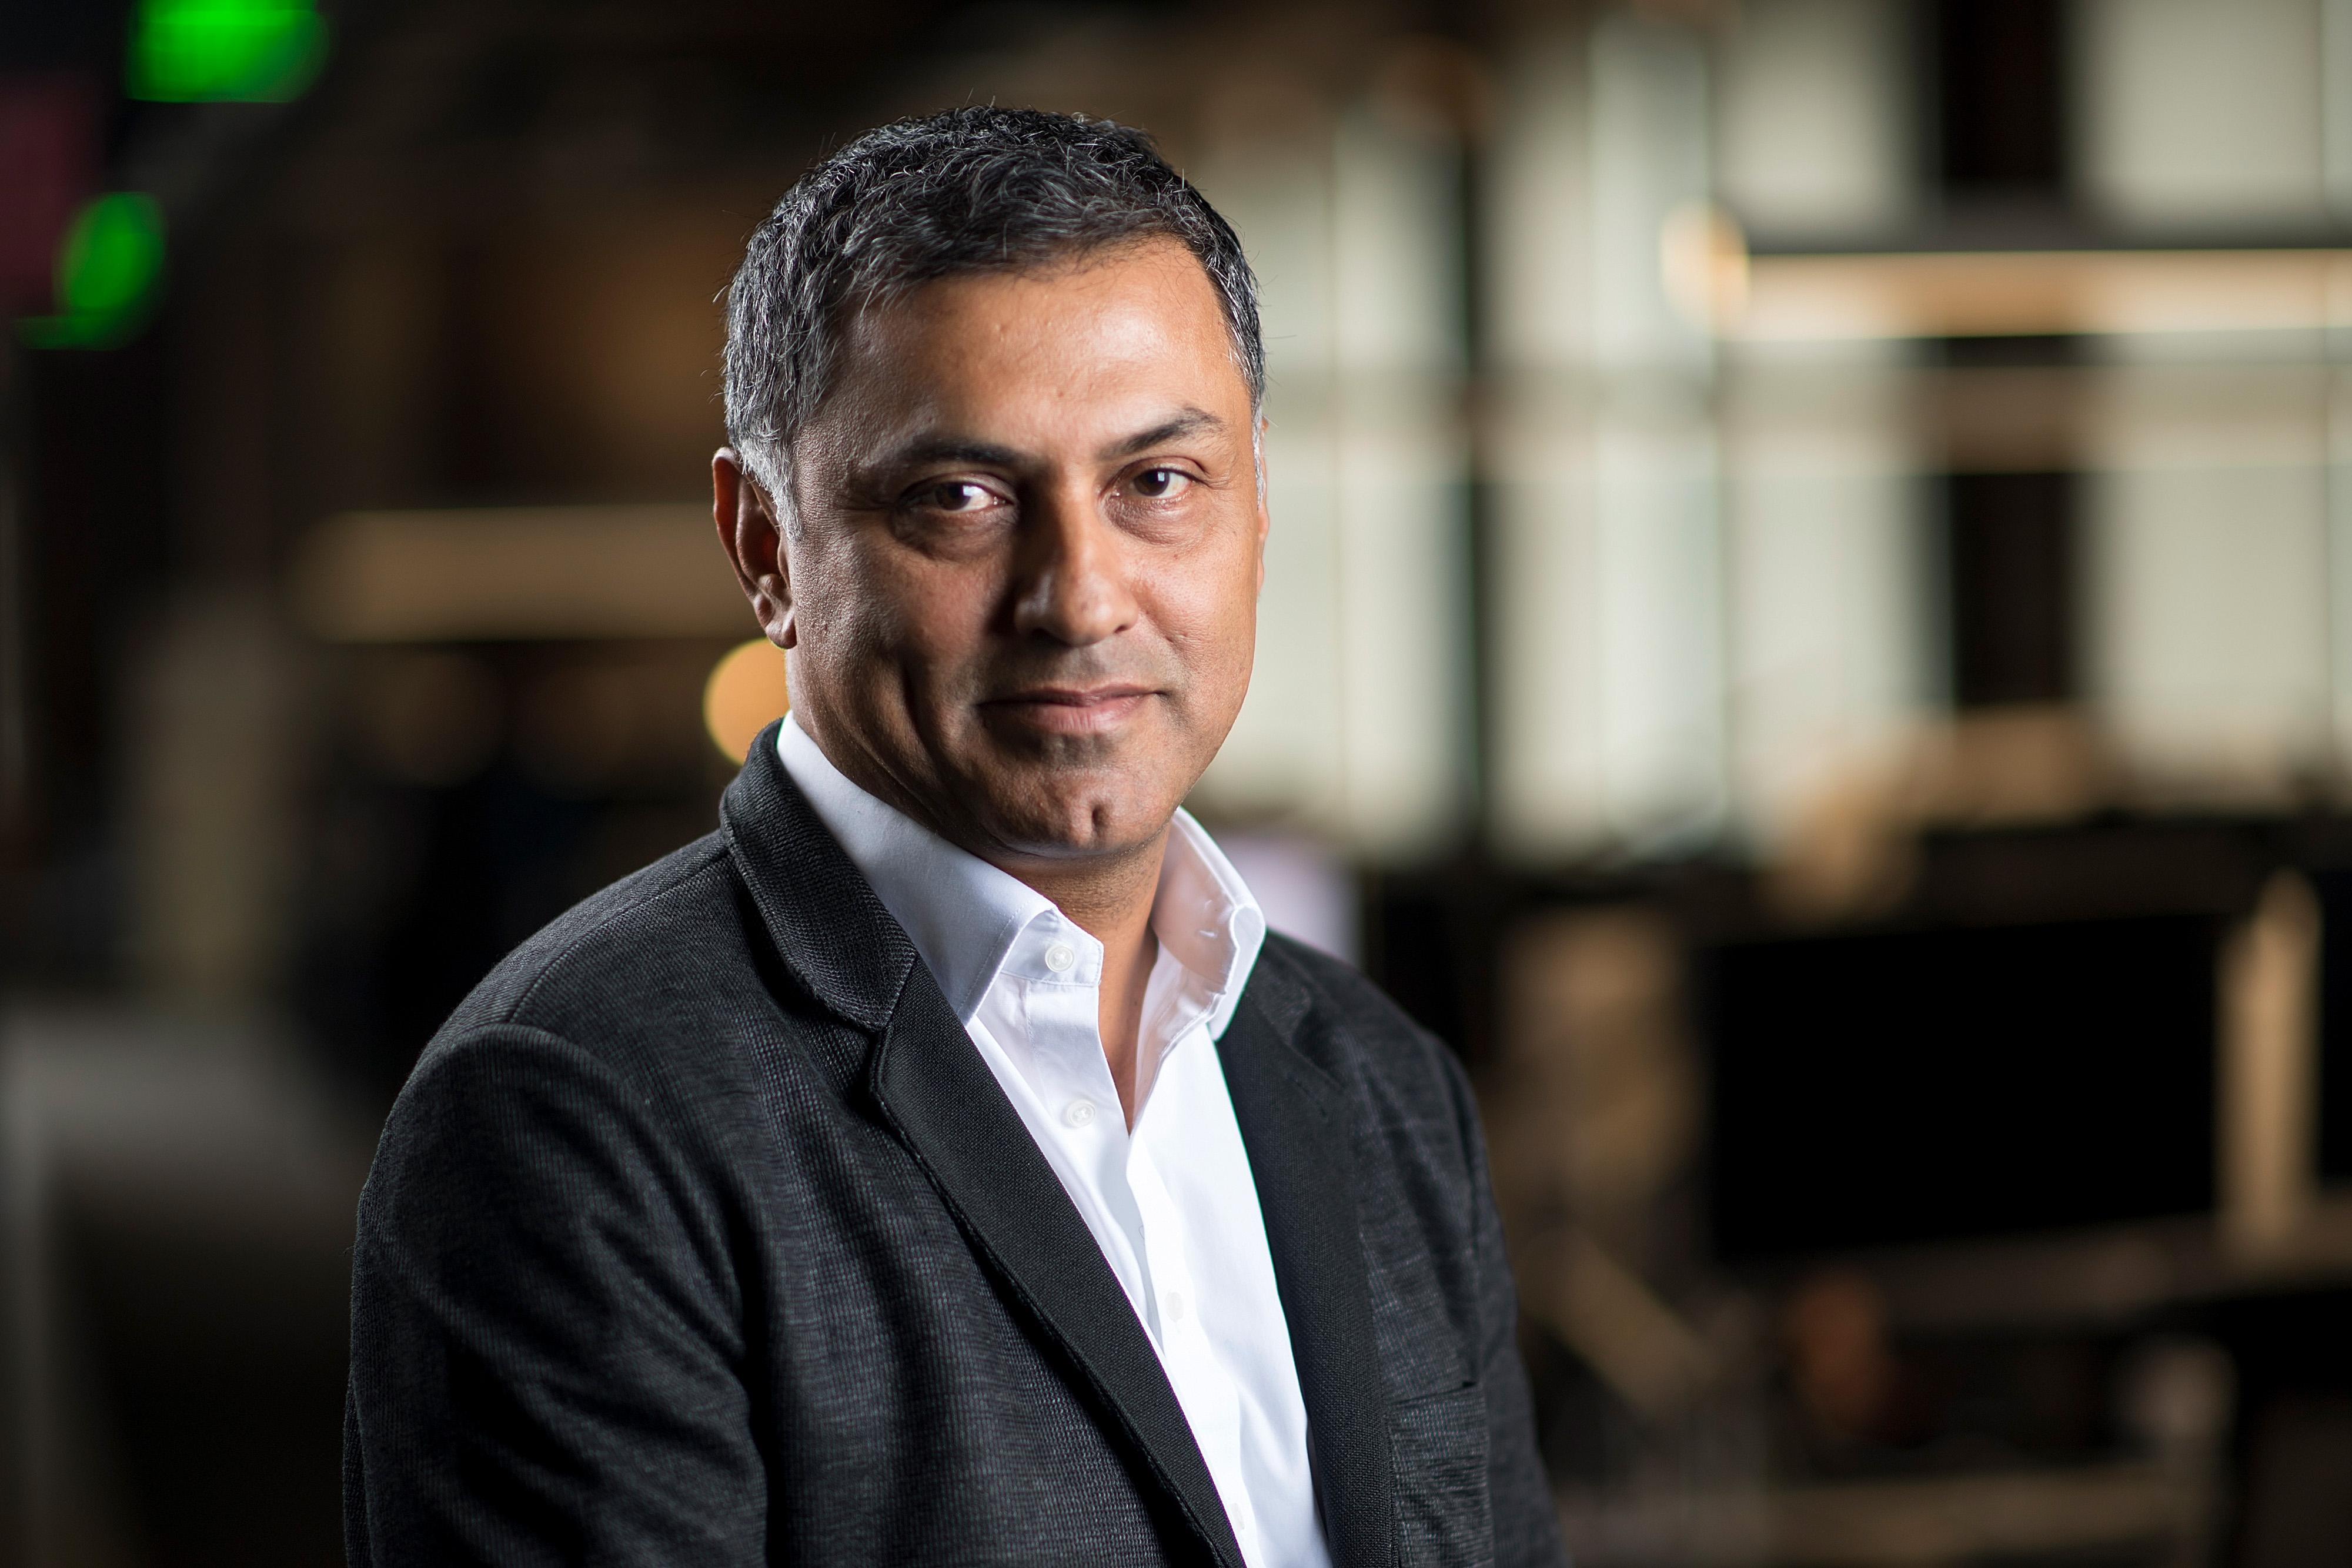 SoftBank Group Corp. Advisor Nikesh Arora Interview